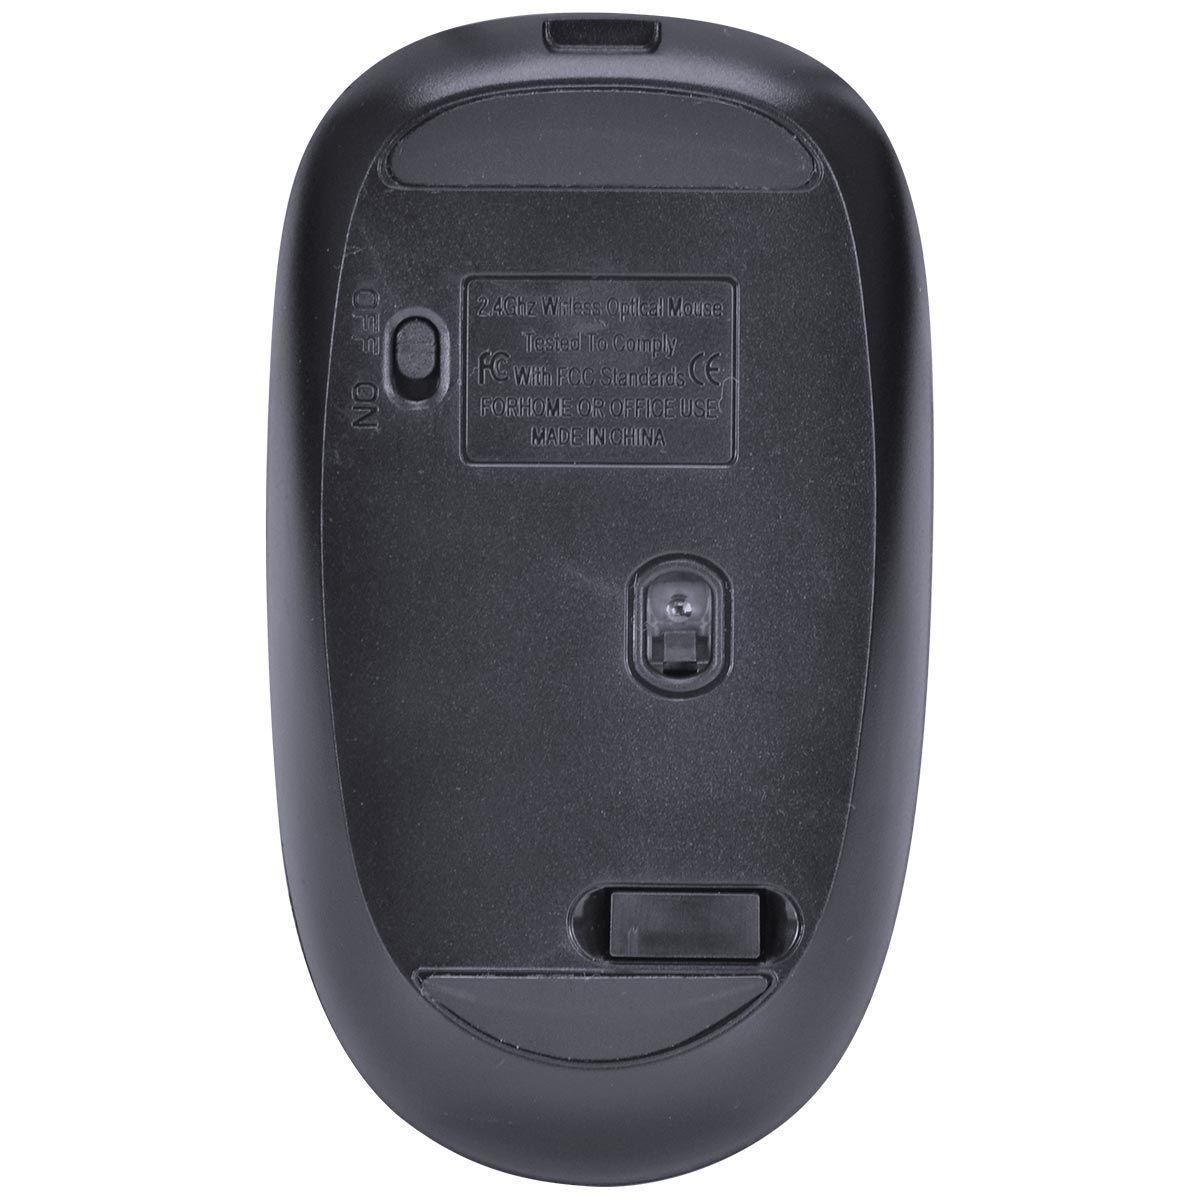 Mouse Sem Fio Recarregável Power One 1600DPI Receptor USB 29688 - Vinik